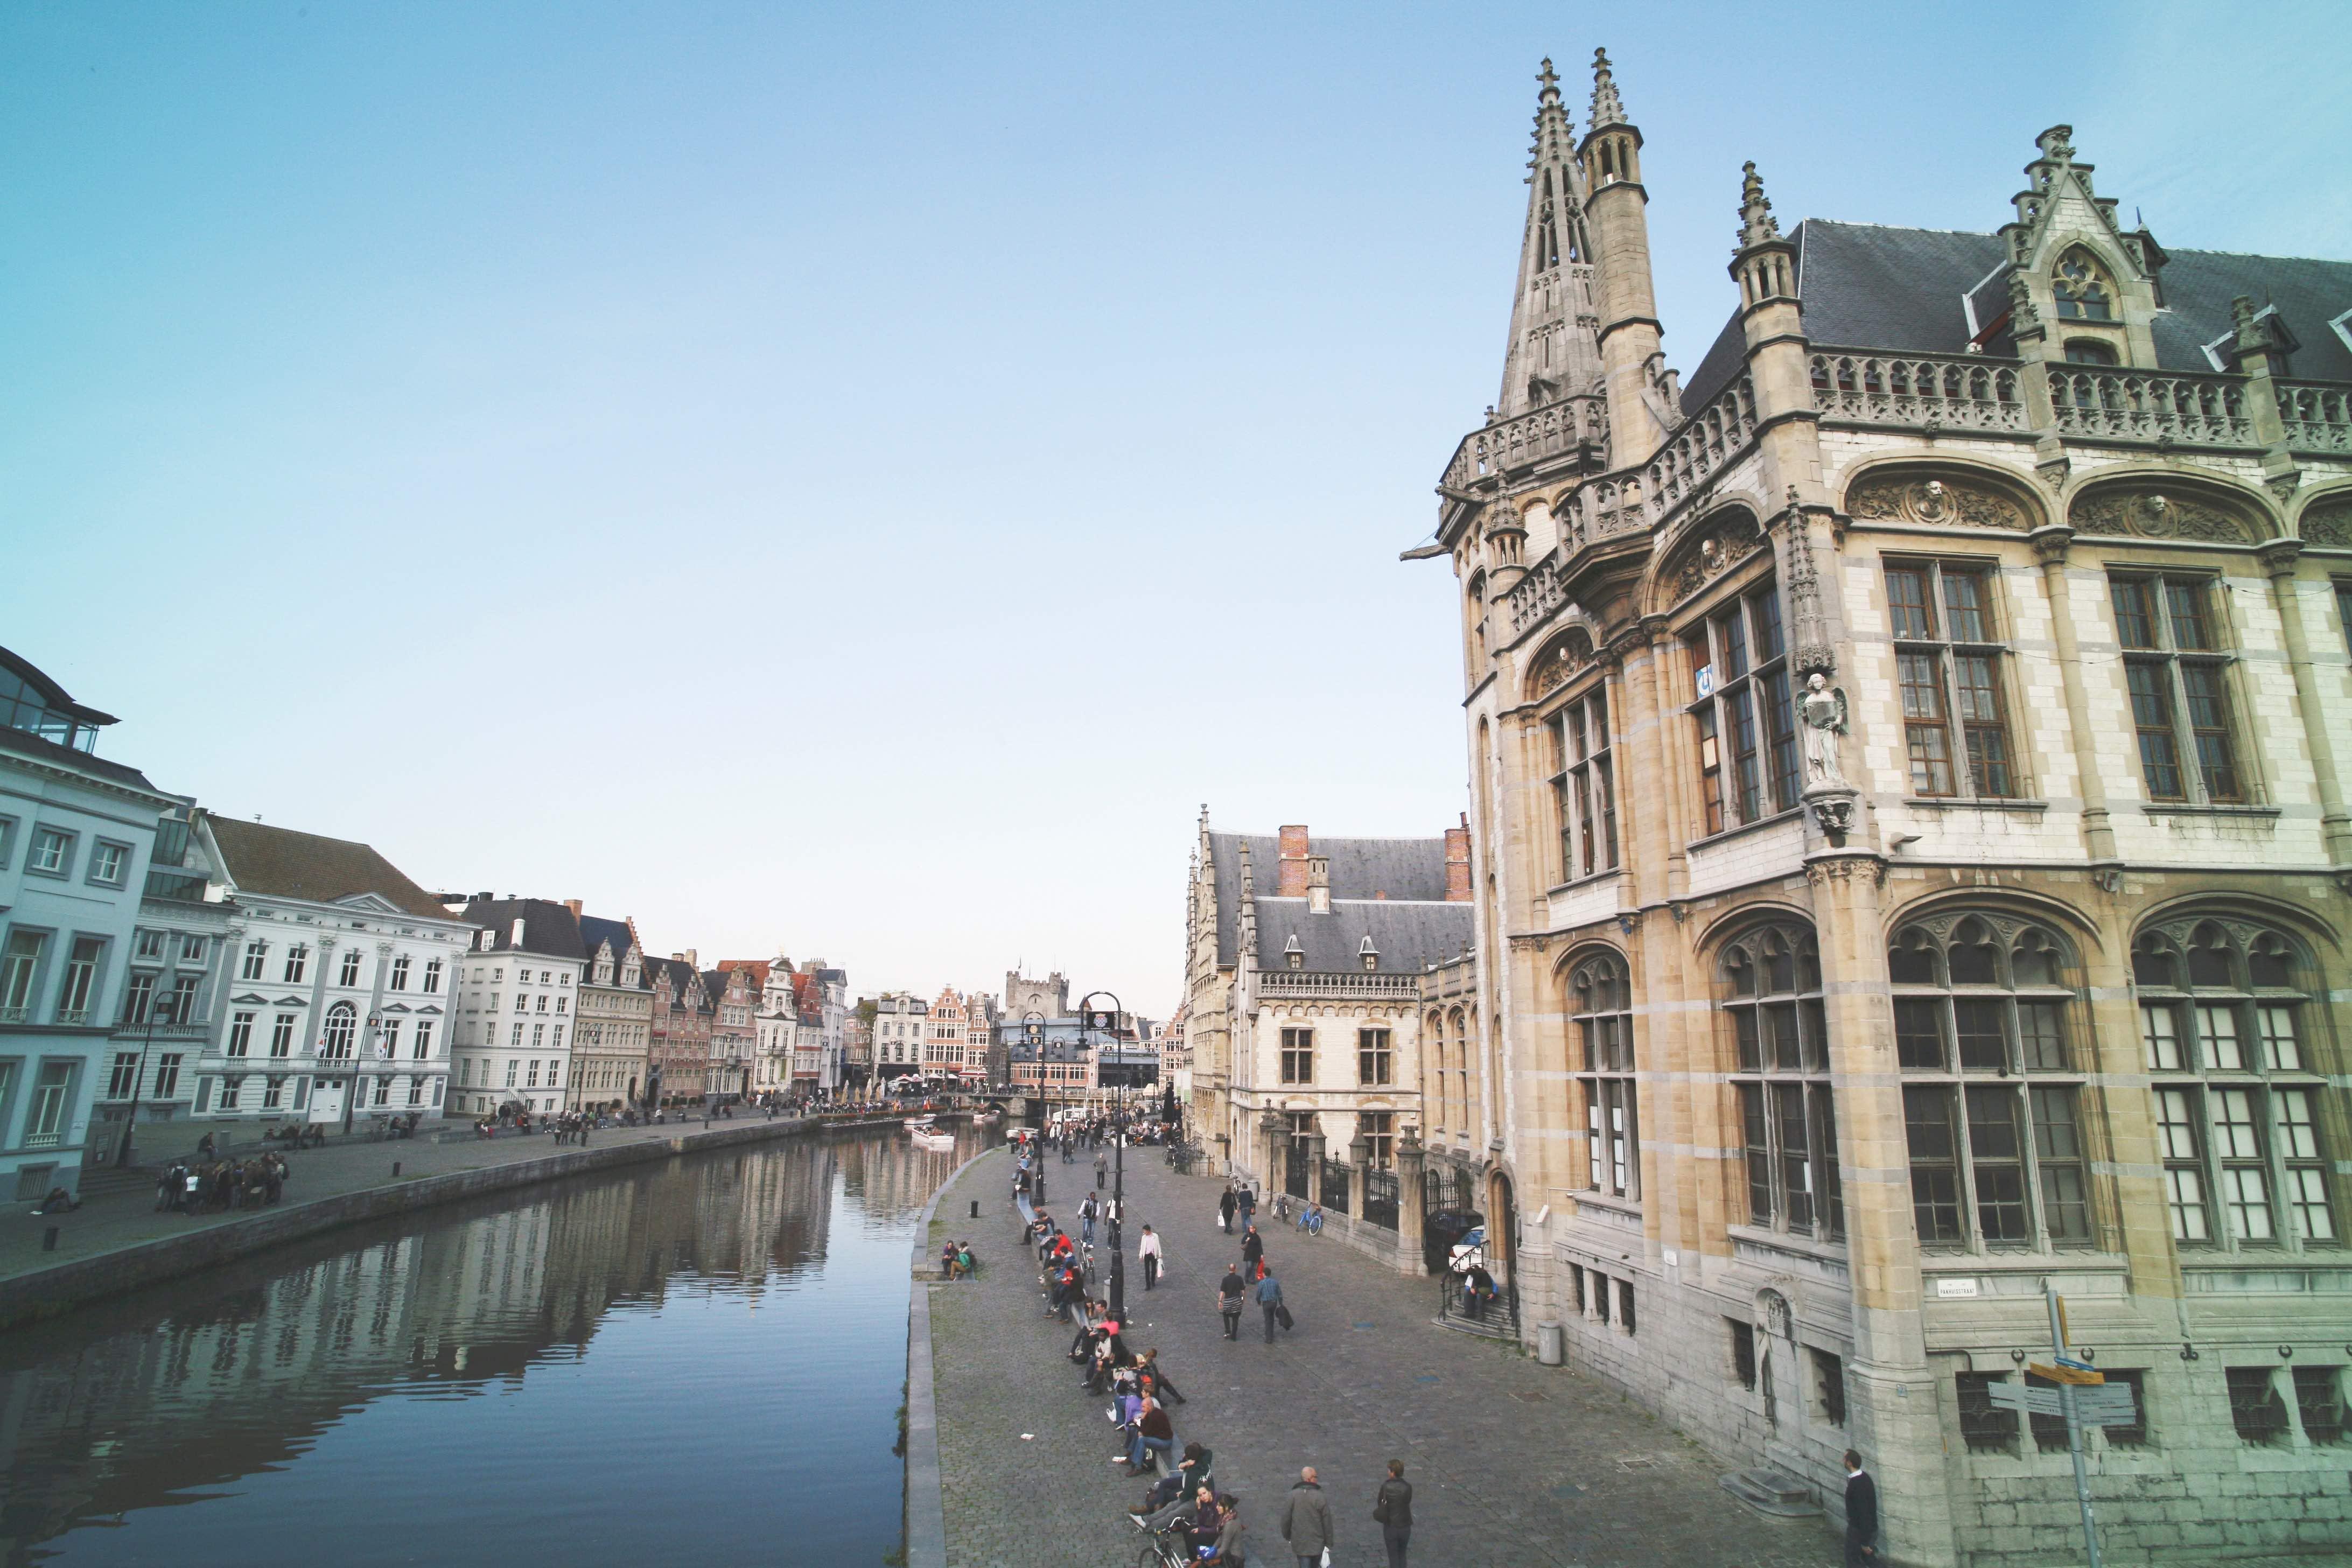 【比利時 布魯塞爾 懶人包】古今並存的歐洲首都,布魯塞爾景點,美食報你哉   布魯塞爾   愛玩妞   妞新聞 ...